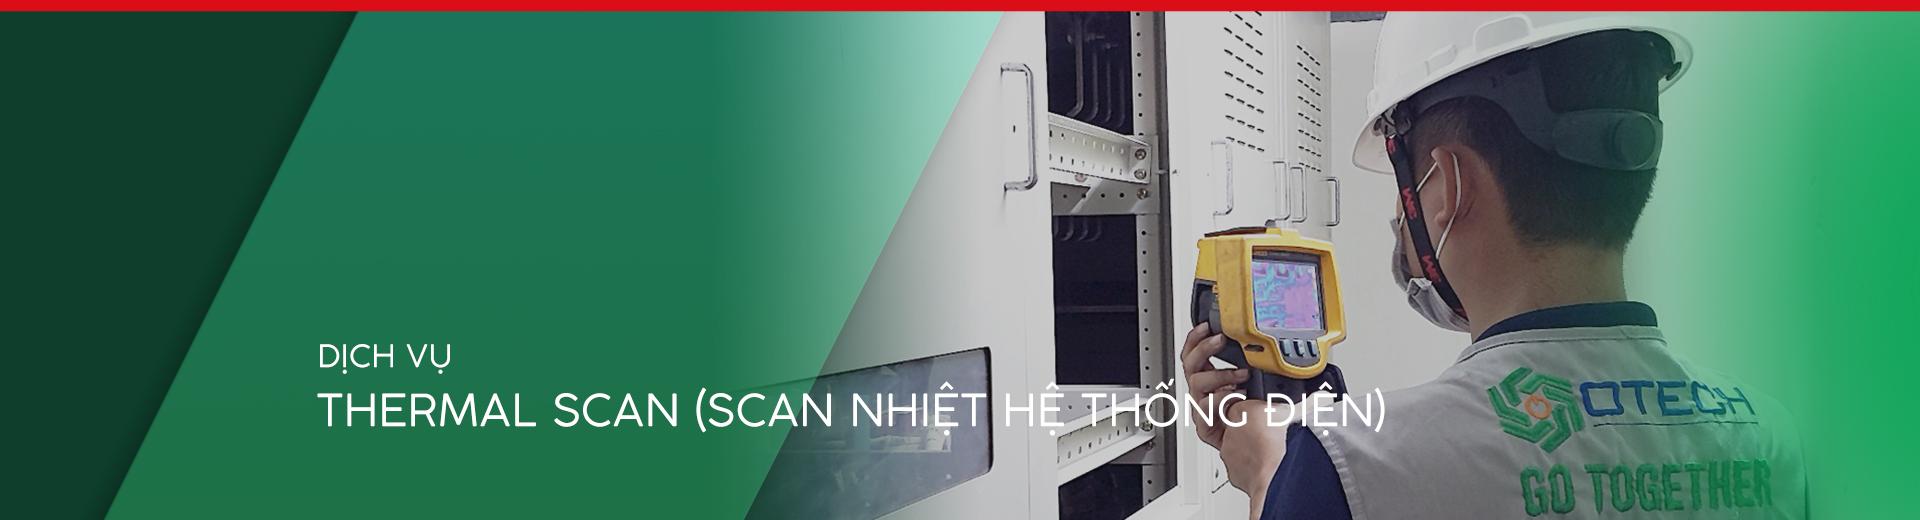 Dịch vụ scan nhiệt online (chụp ảnh nhiệt) hệ thống điện